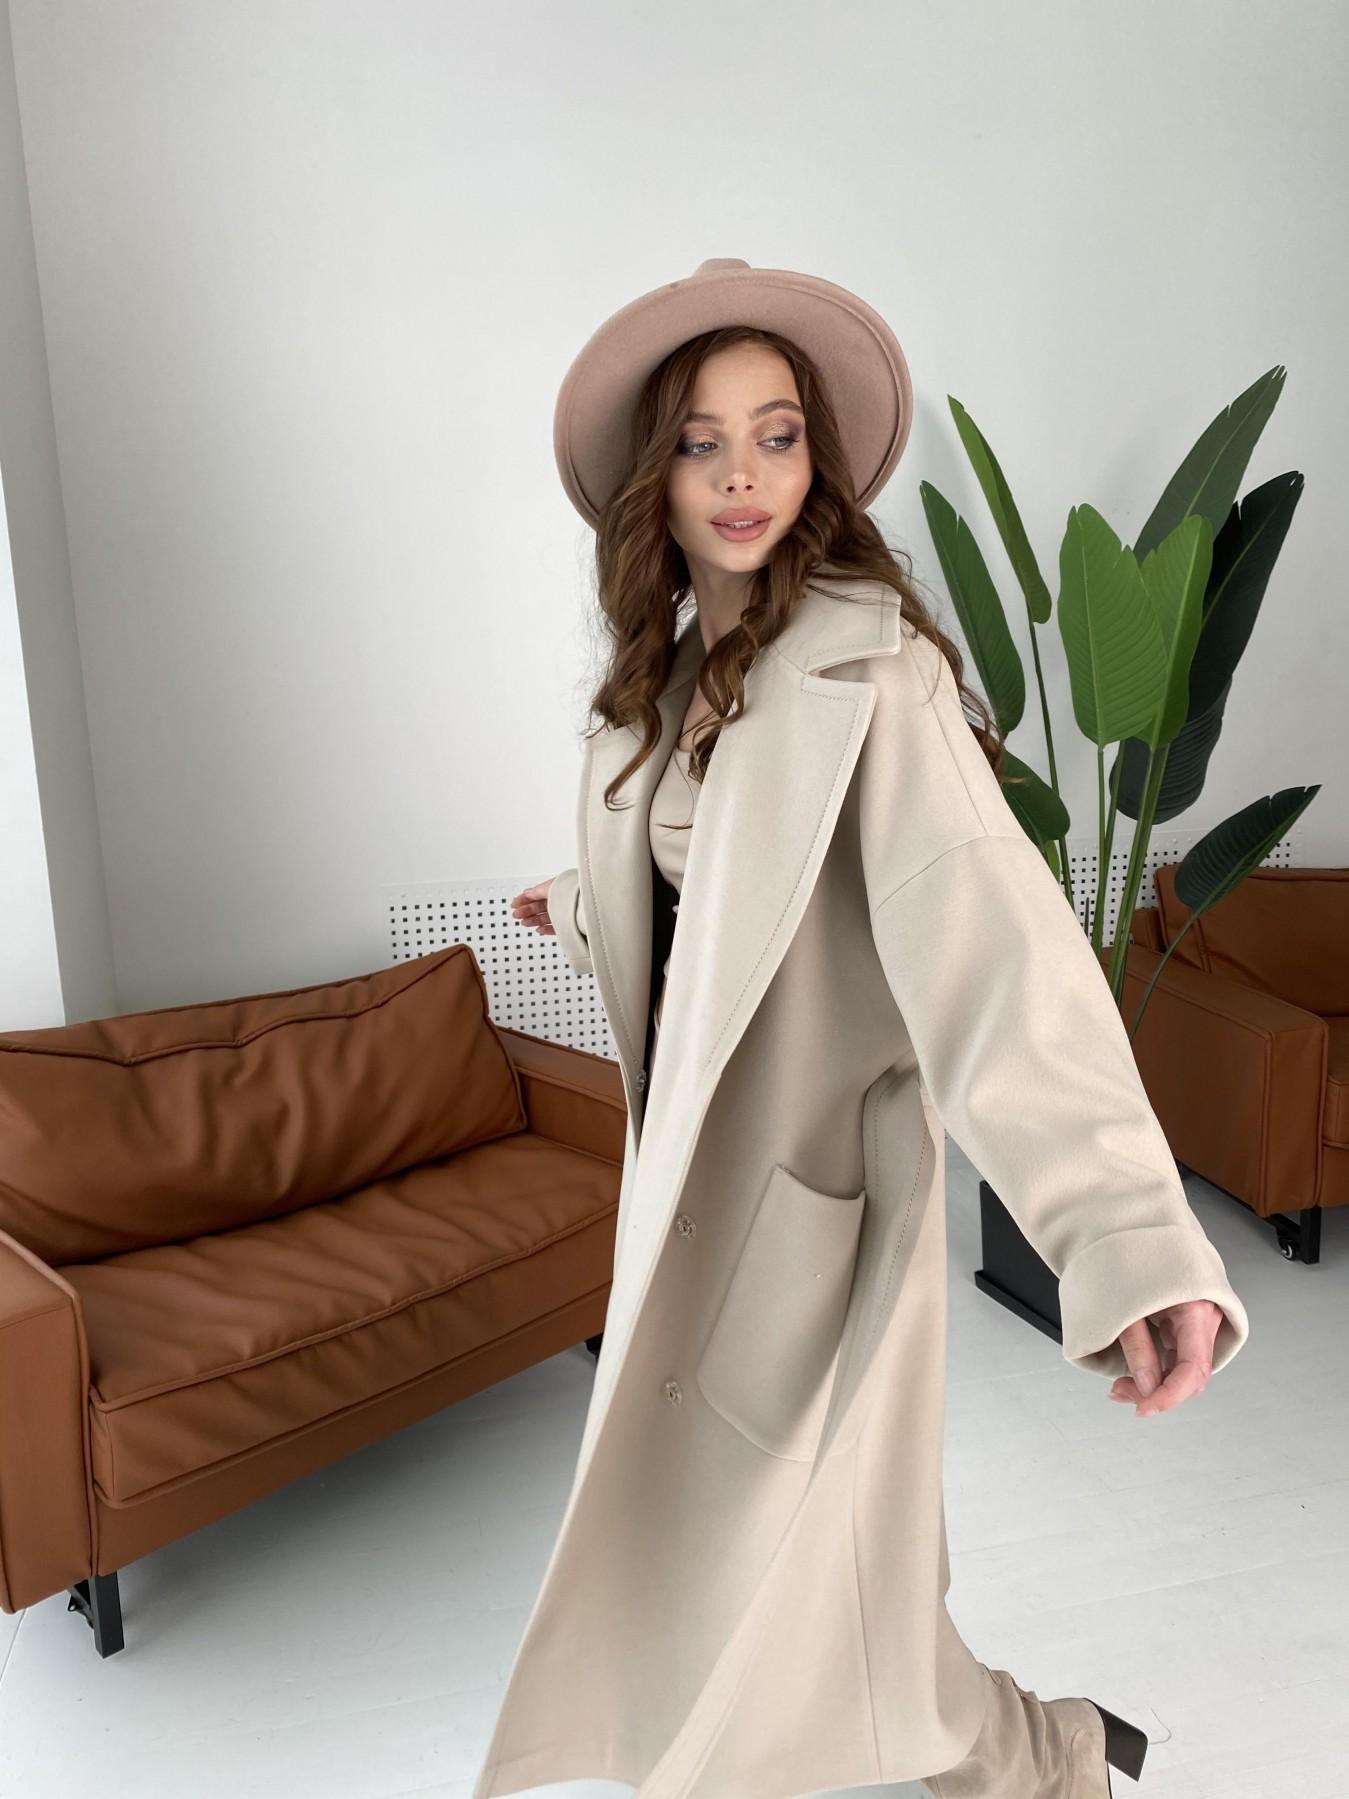 Кейт  пальто из кашемира 10539 АРТ. 46990 Цвет: Бежевый Светлый - фото 2, интернет магазин tm-modus.ru